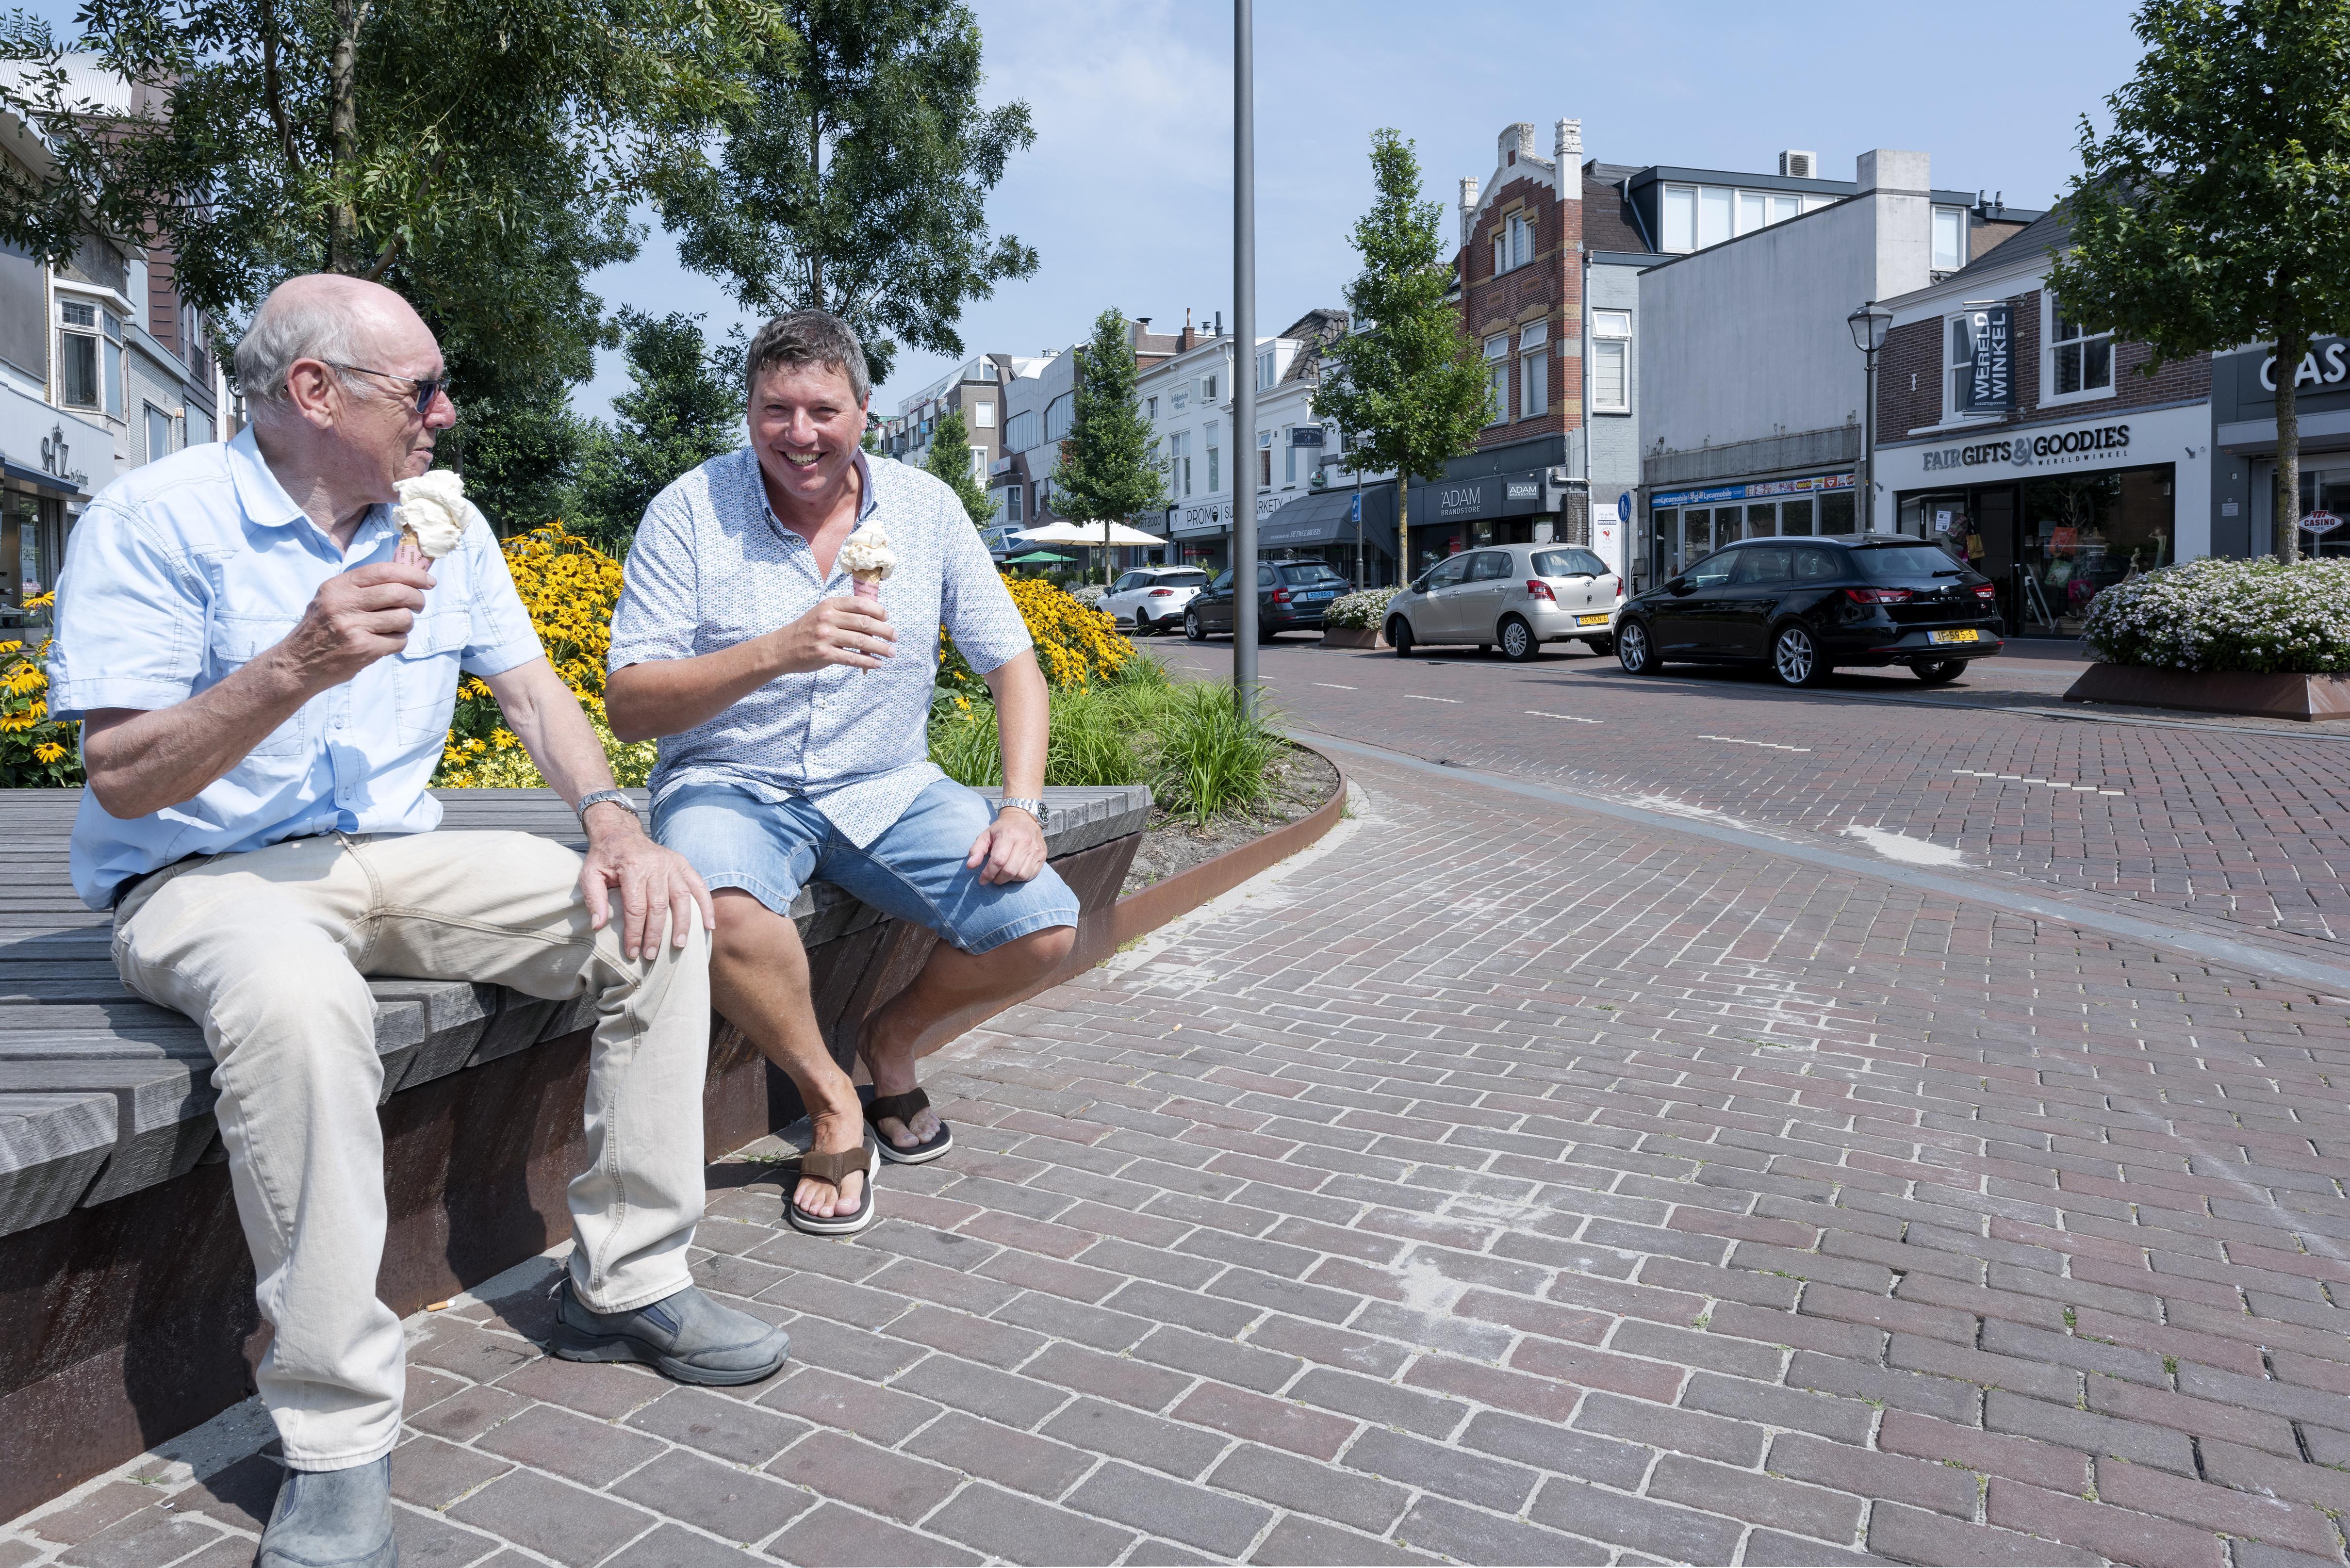 Tweede donderdag in augustus: geen kortebaan in Beverwijk. 'Heel even dachten we aan uitstel. Maar dat lieten we snel varen. Te veel onzekerheden'